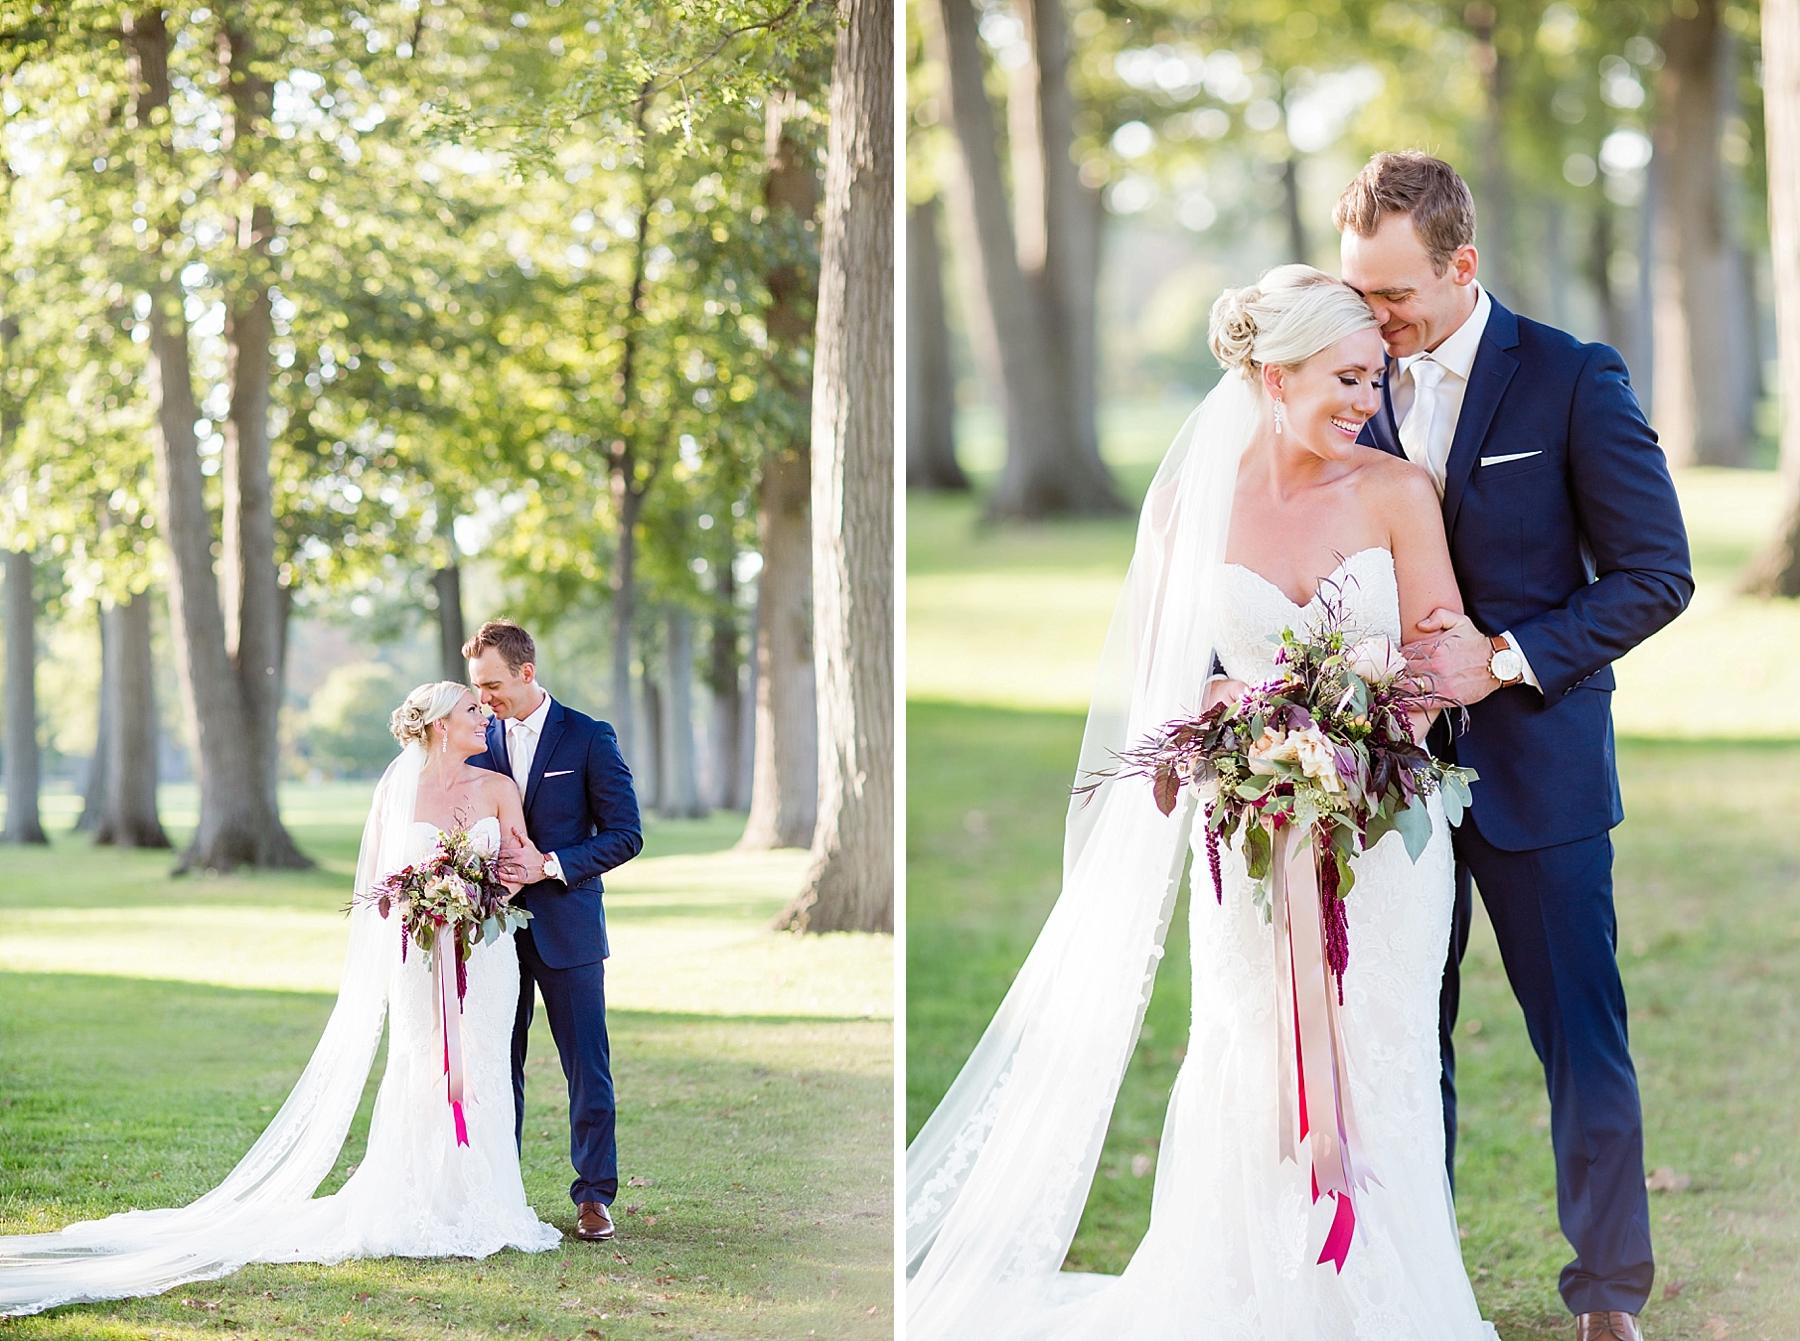 windsor-wedding-photographer-essex-golf-country-club-wedding-eryn-shea-photography_0058.jpg